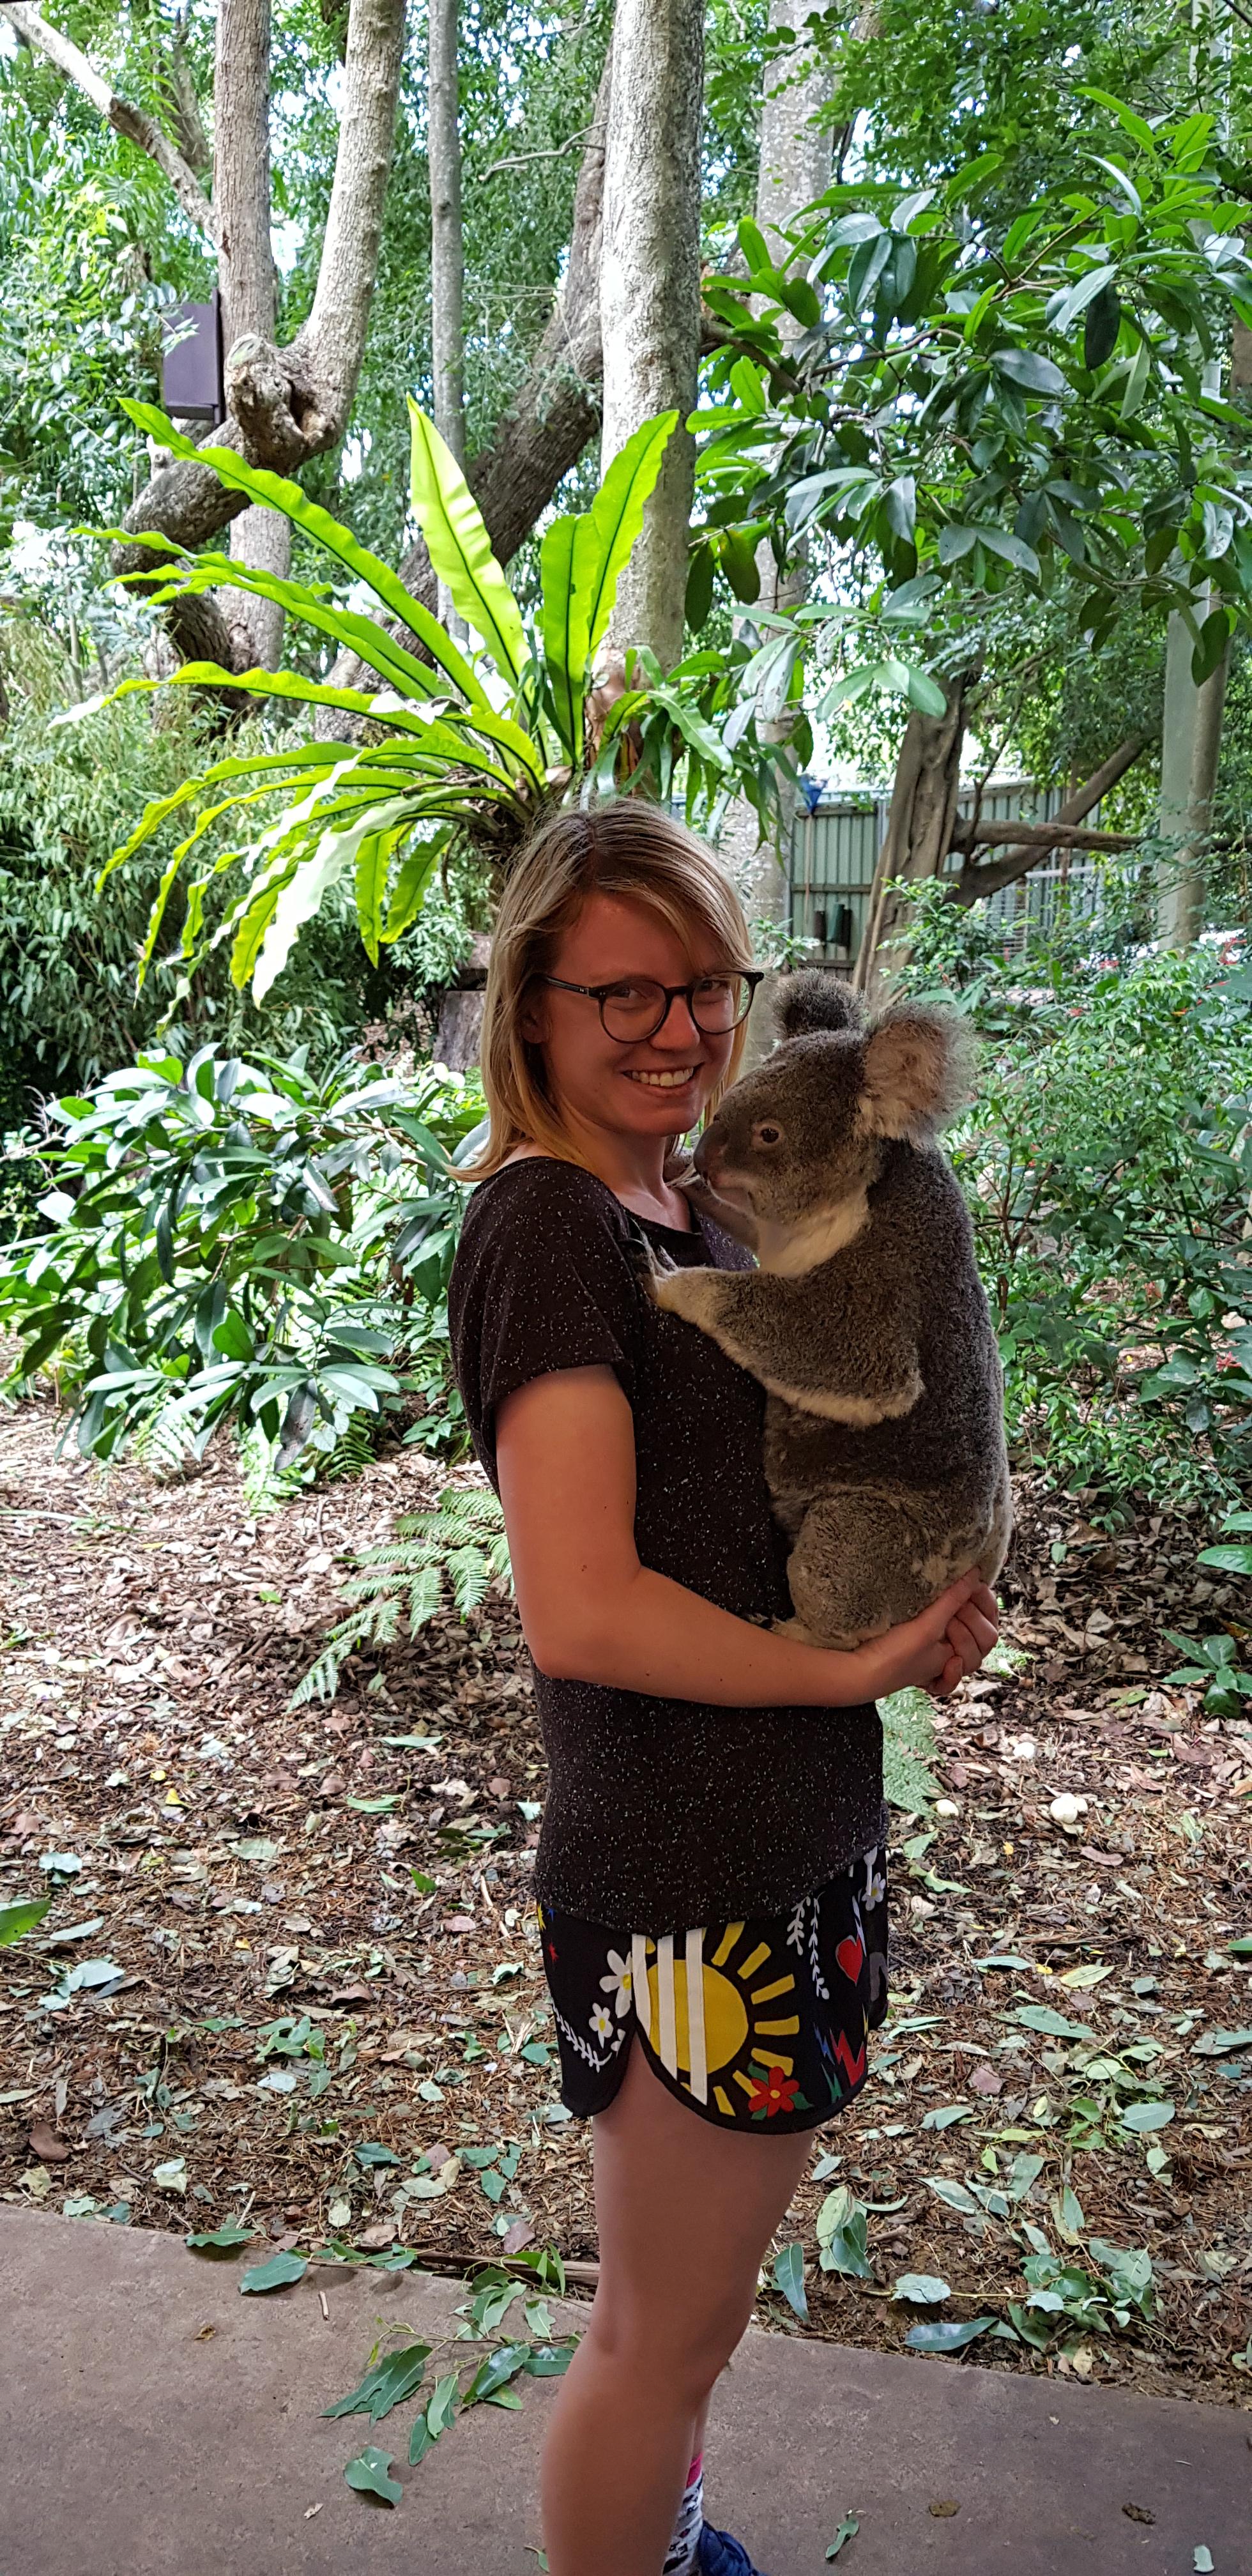 Przytulam koalę